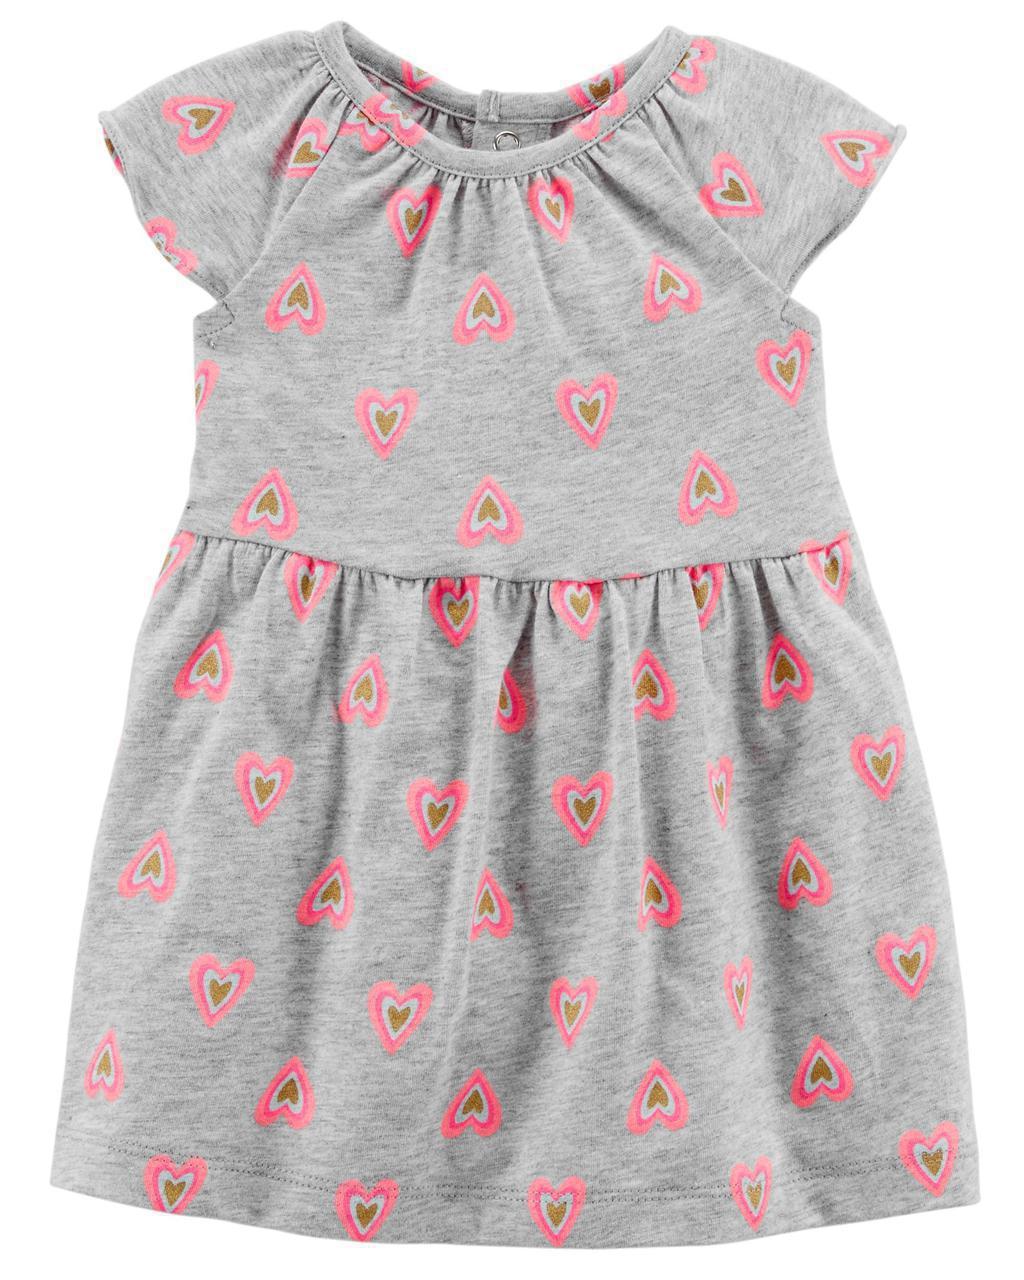 6fafc464d723978 Летнее Платье + Трусики Carters для Девочки 6 Мес 61-67 См. Комплект ...